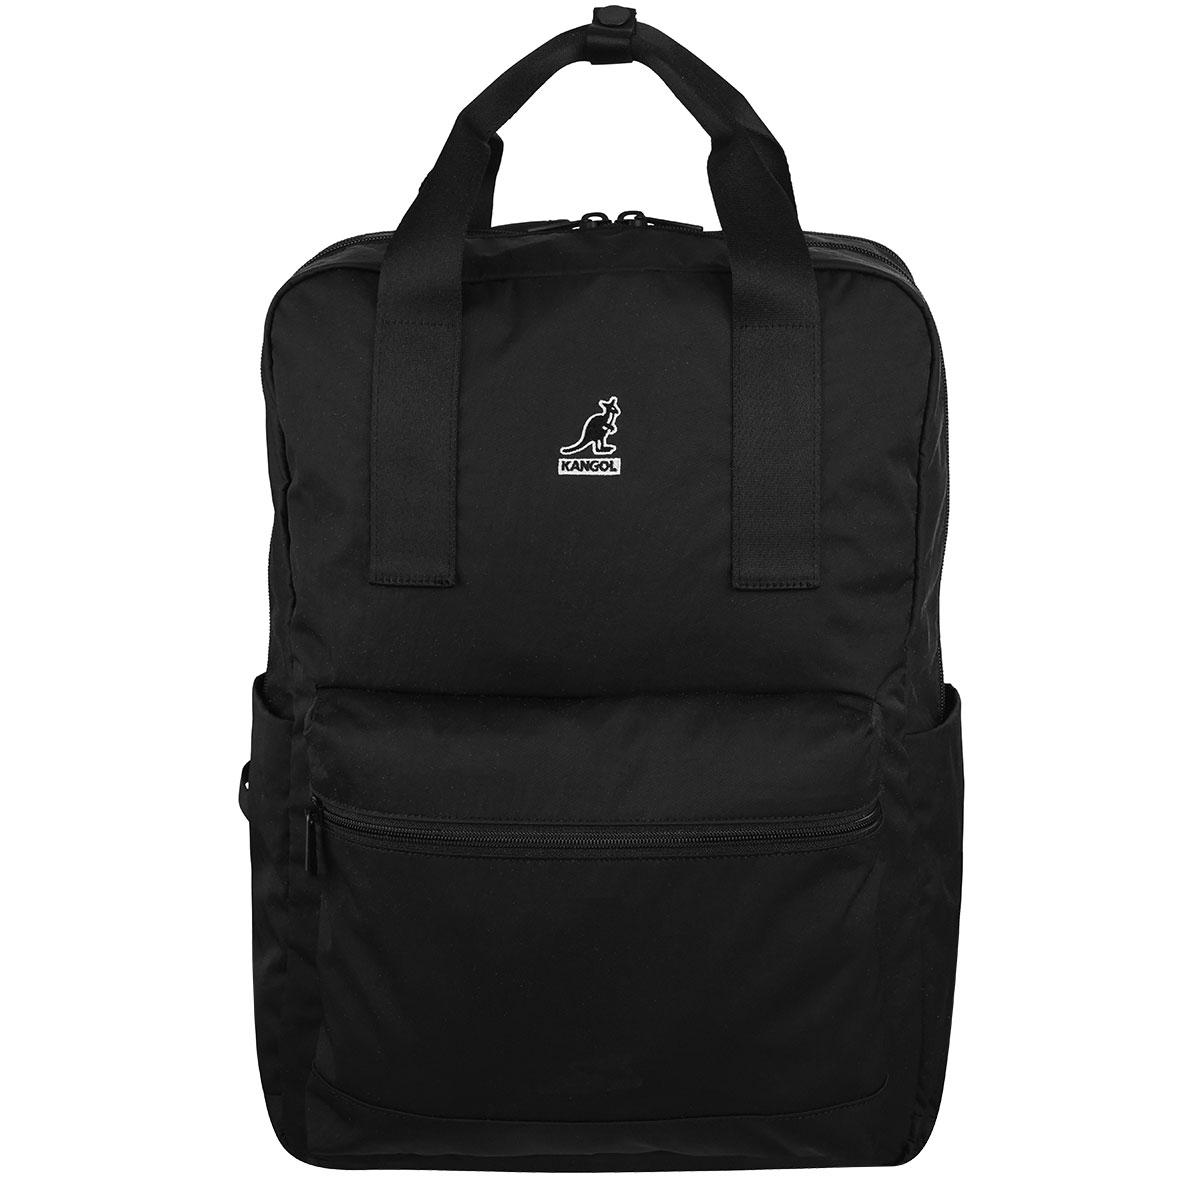 Kangol Kangol Nylon Travel Backpack in Black